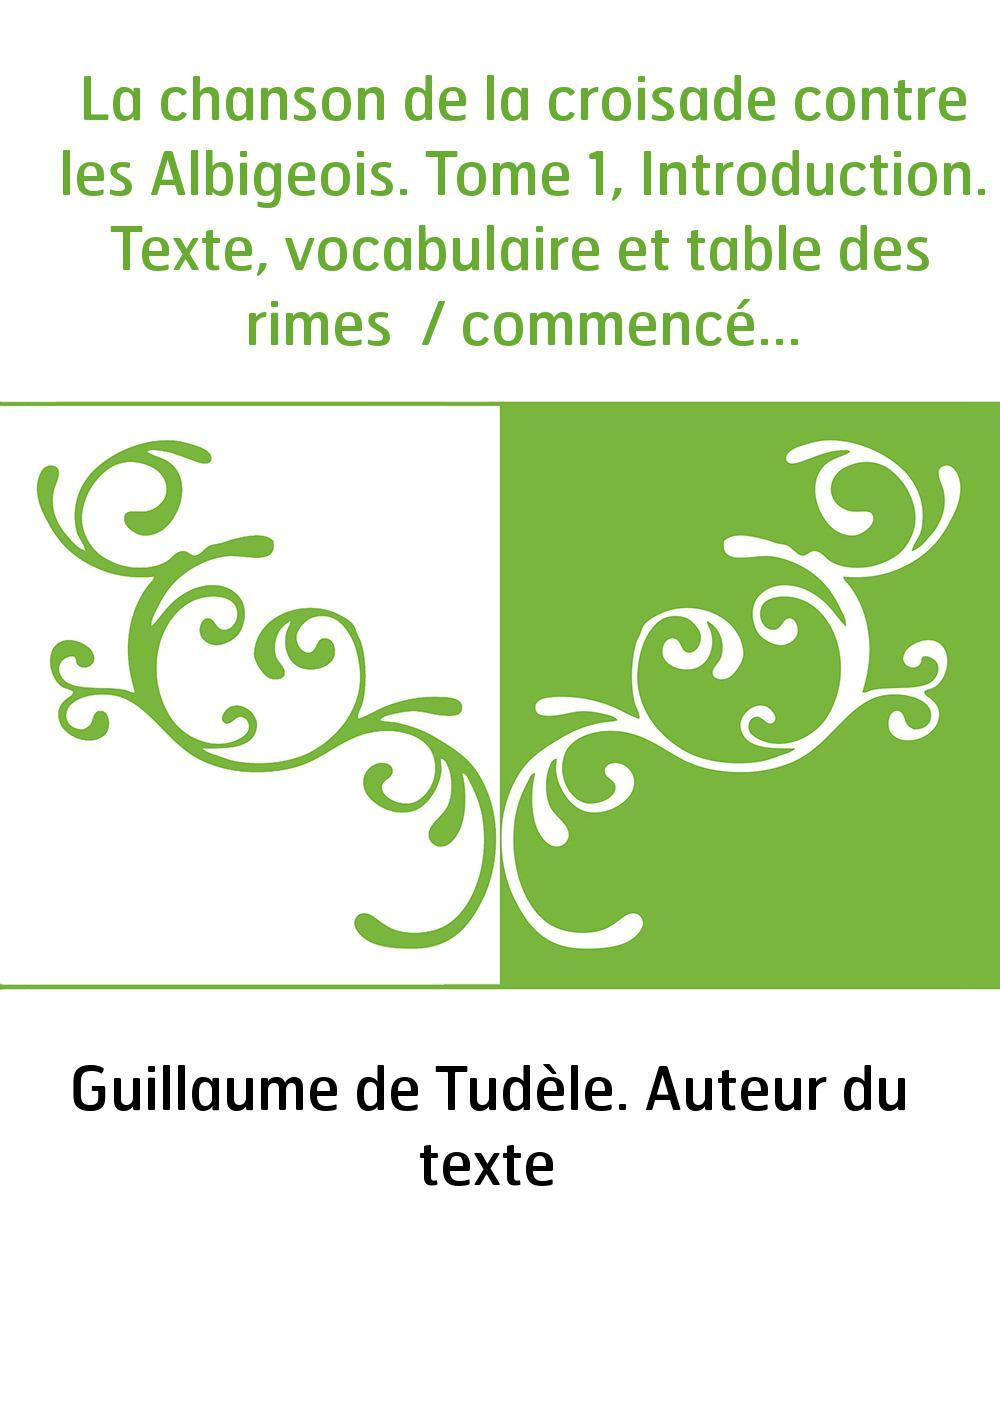 La chanson de la croisade contre les Albigeois. Tome 1, Introduction. Texte, vocabulaire et table des rimes / commencée par Gui